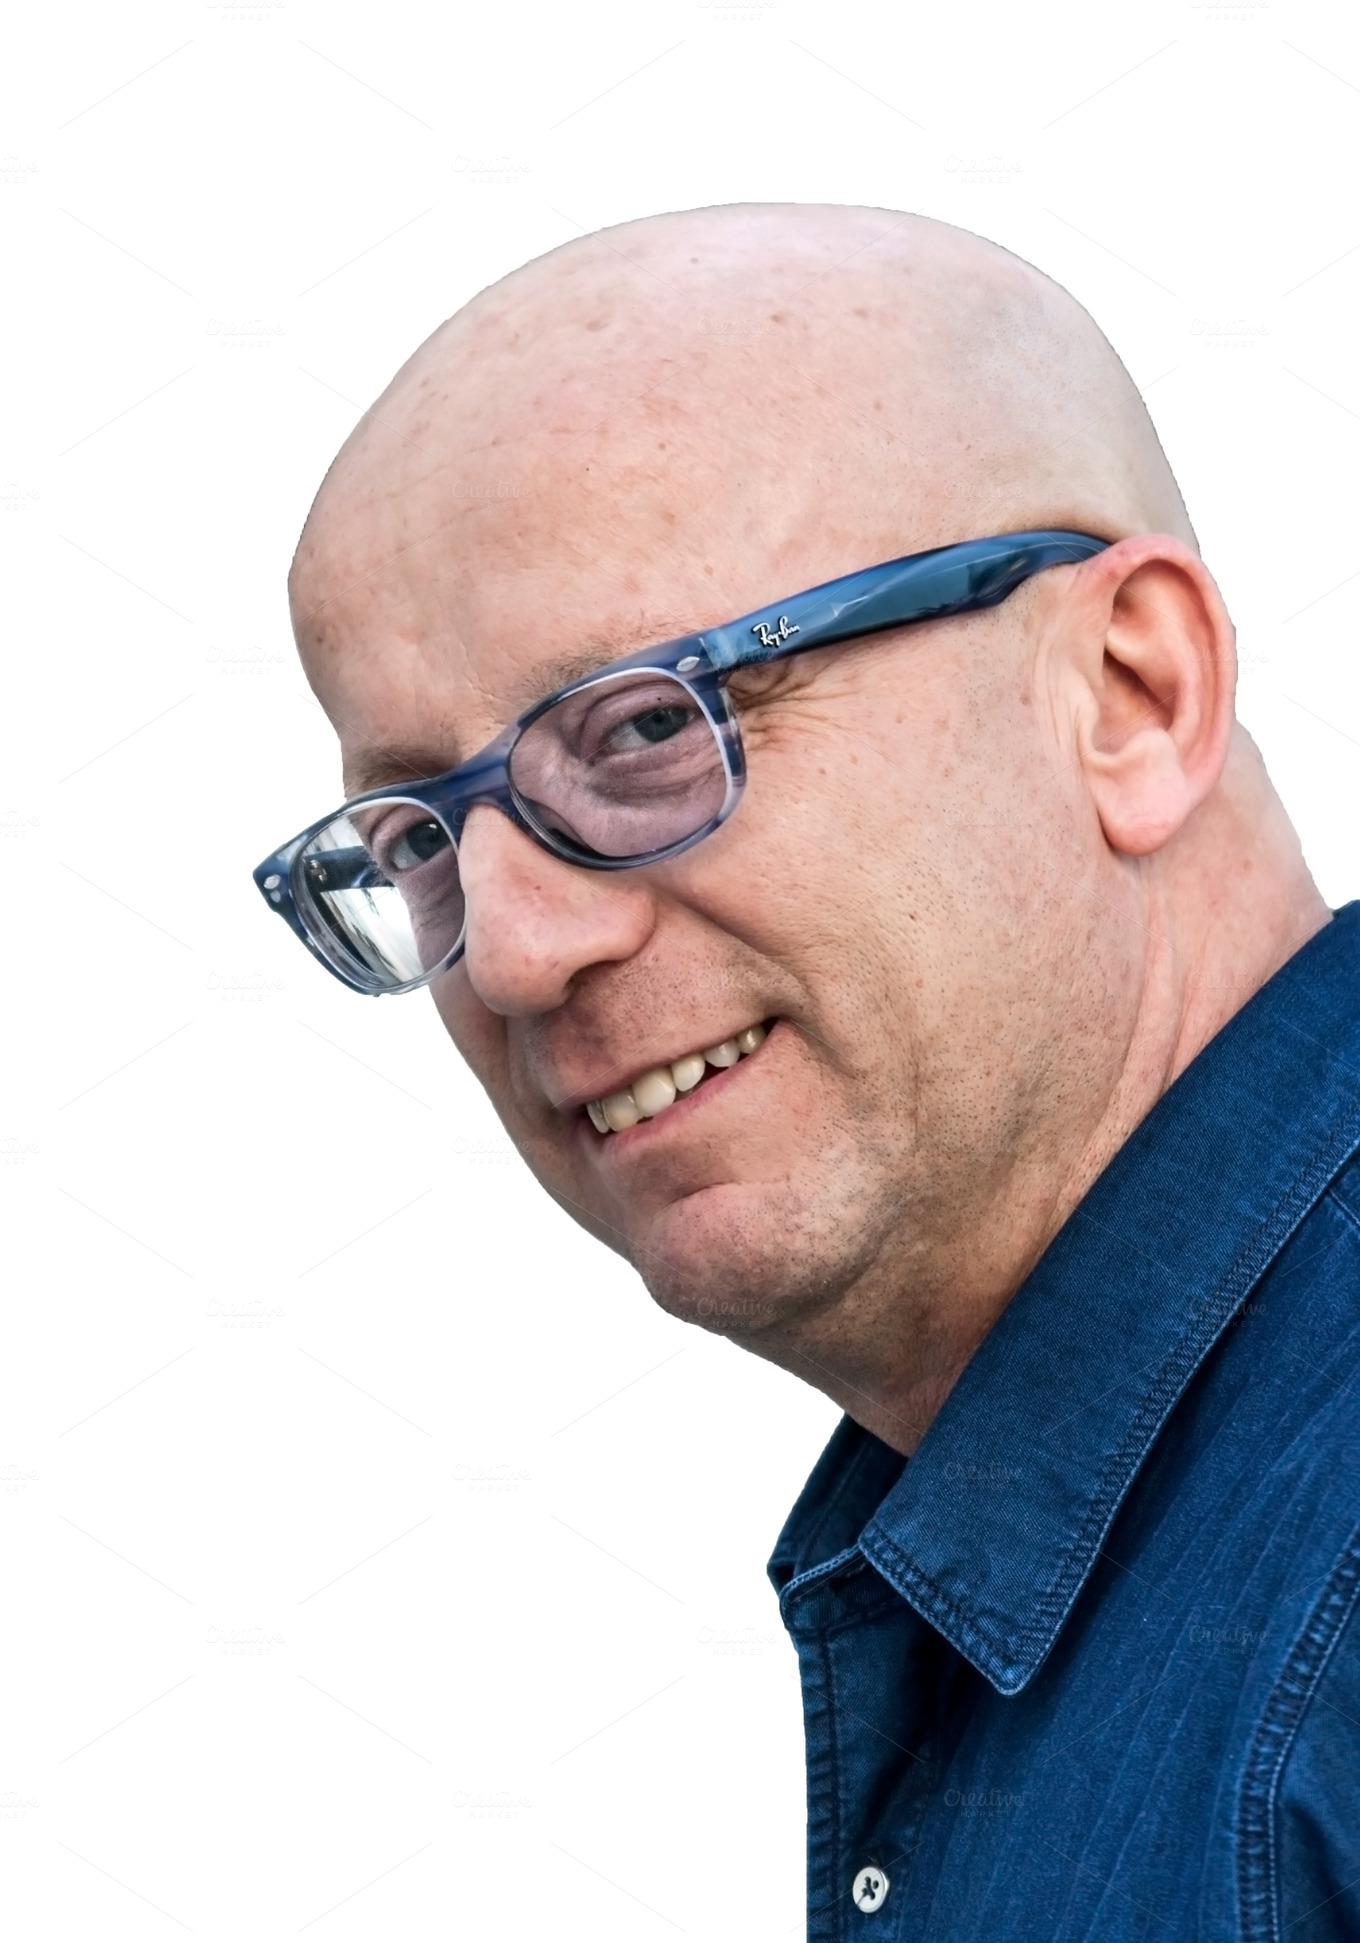 Фото лысый парень в очках 5 фотография